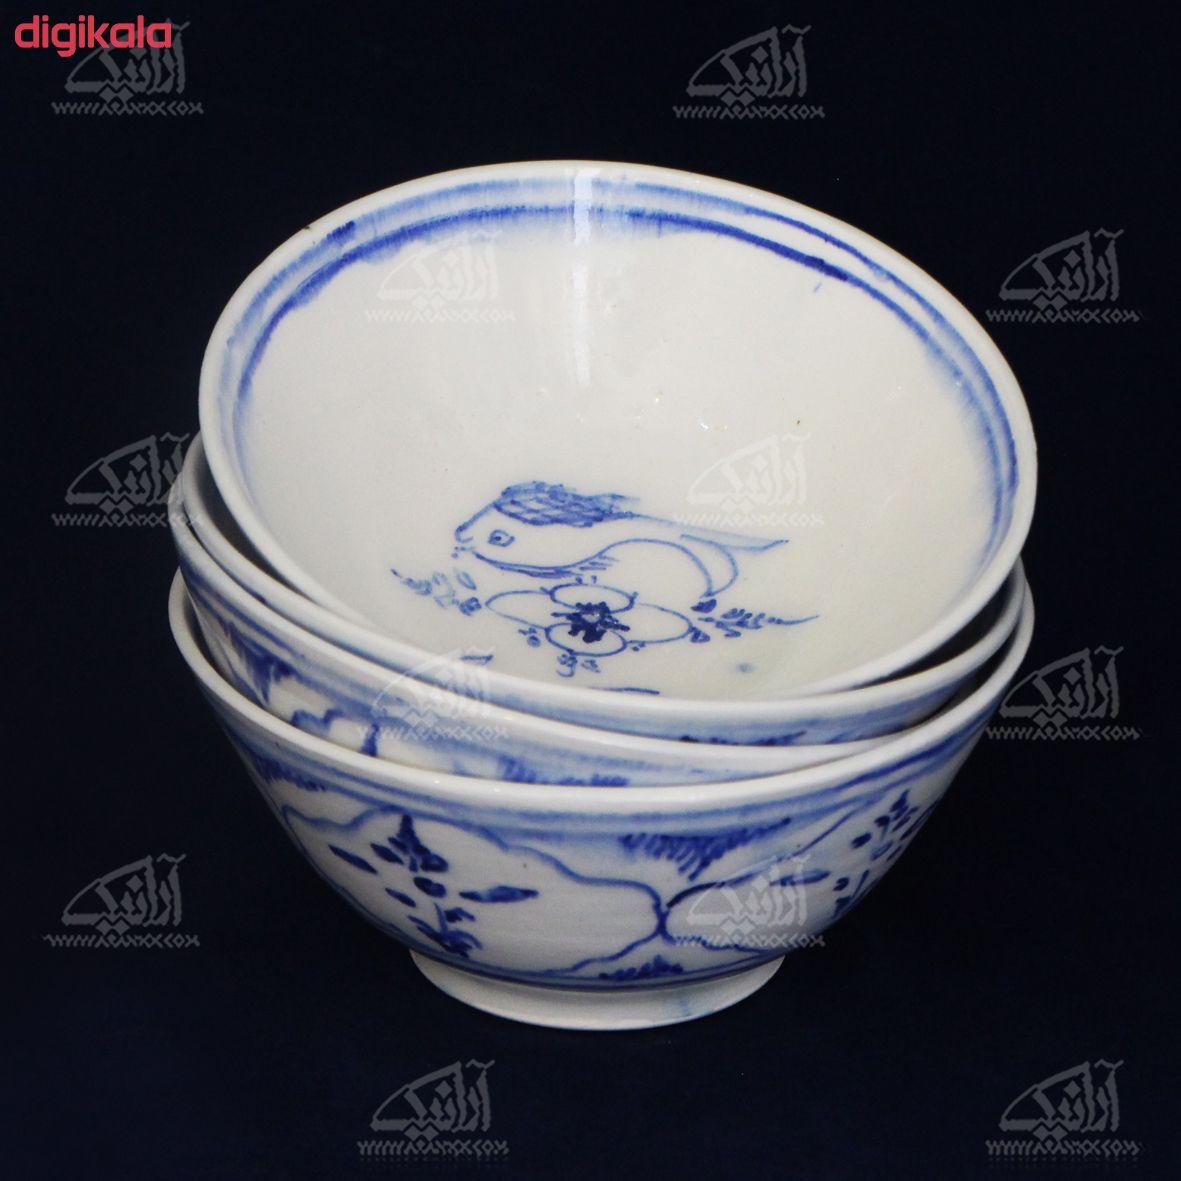 کاسه بشقاب سفالی نقاشی زیر لعابی    رنگ سفید  طرح ماهی  مدل 1003700008 main 1 1